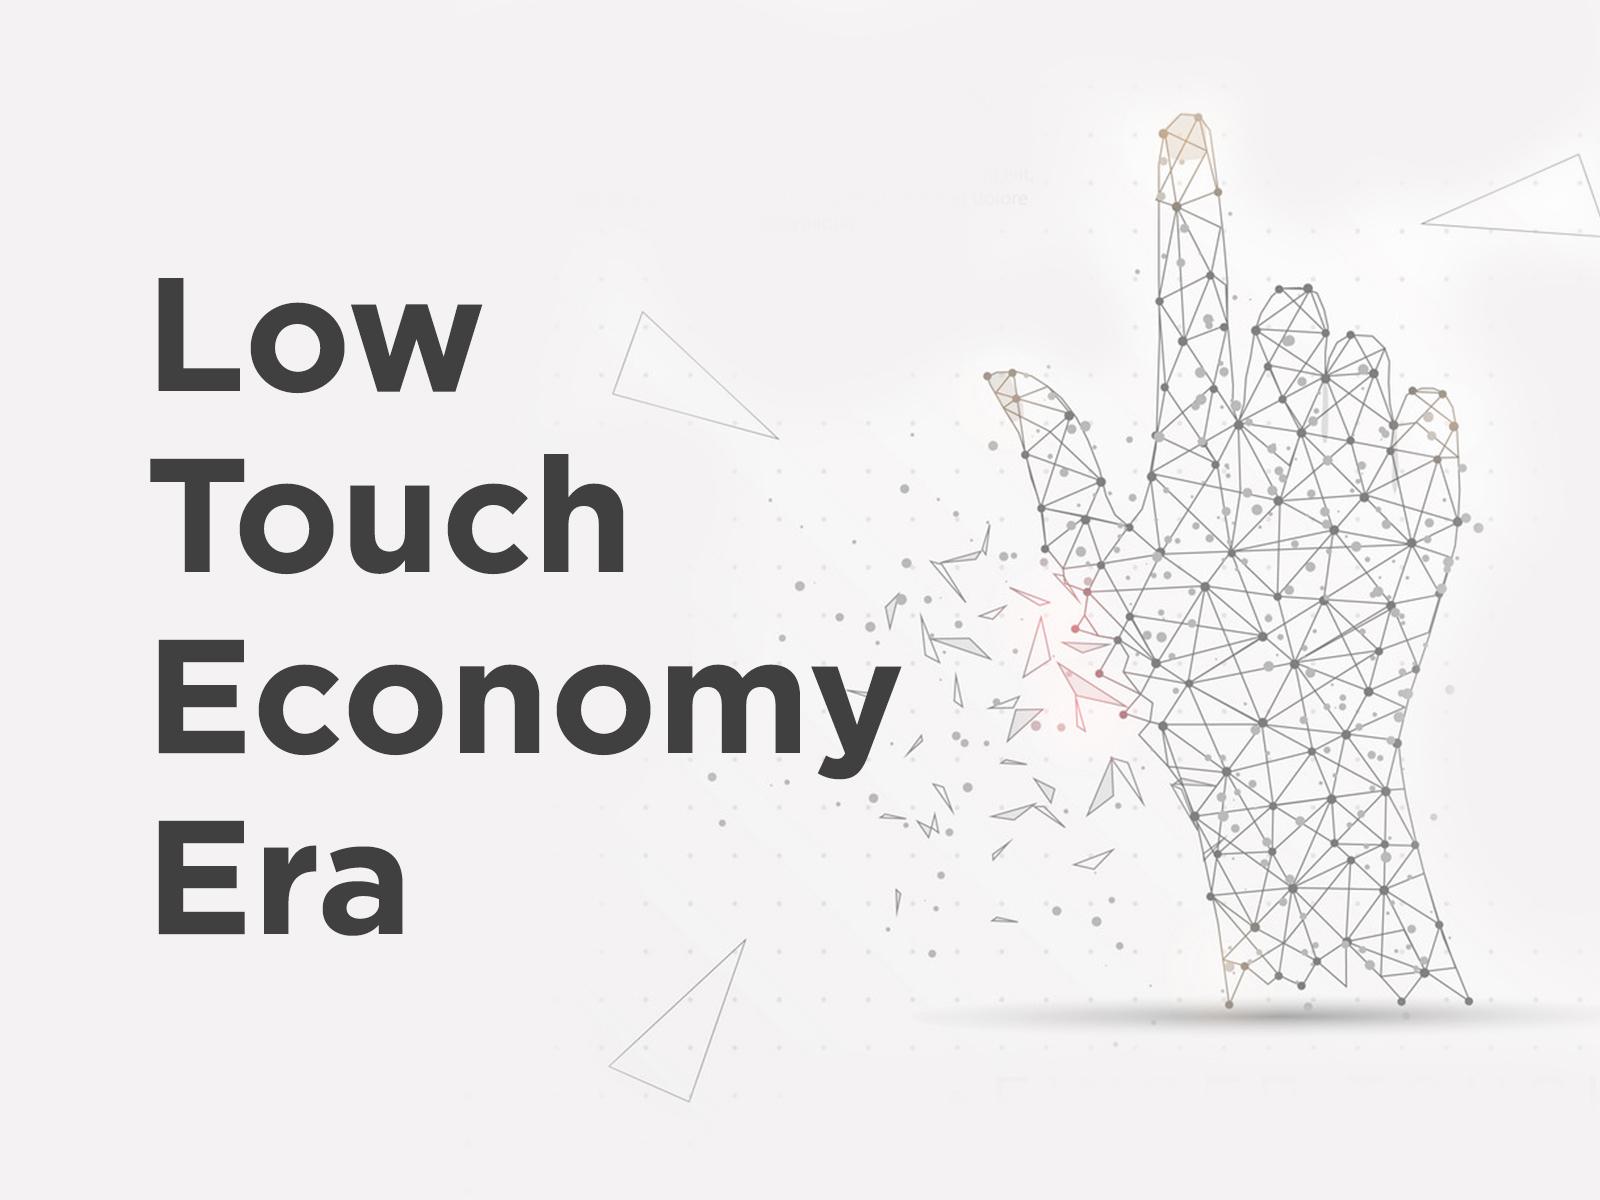 Pertahankan Bisnis di Era Low Touch Economy